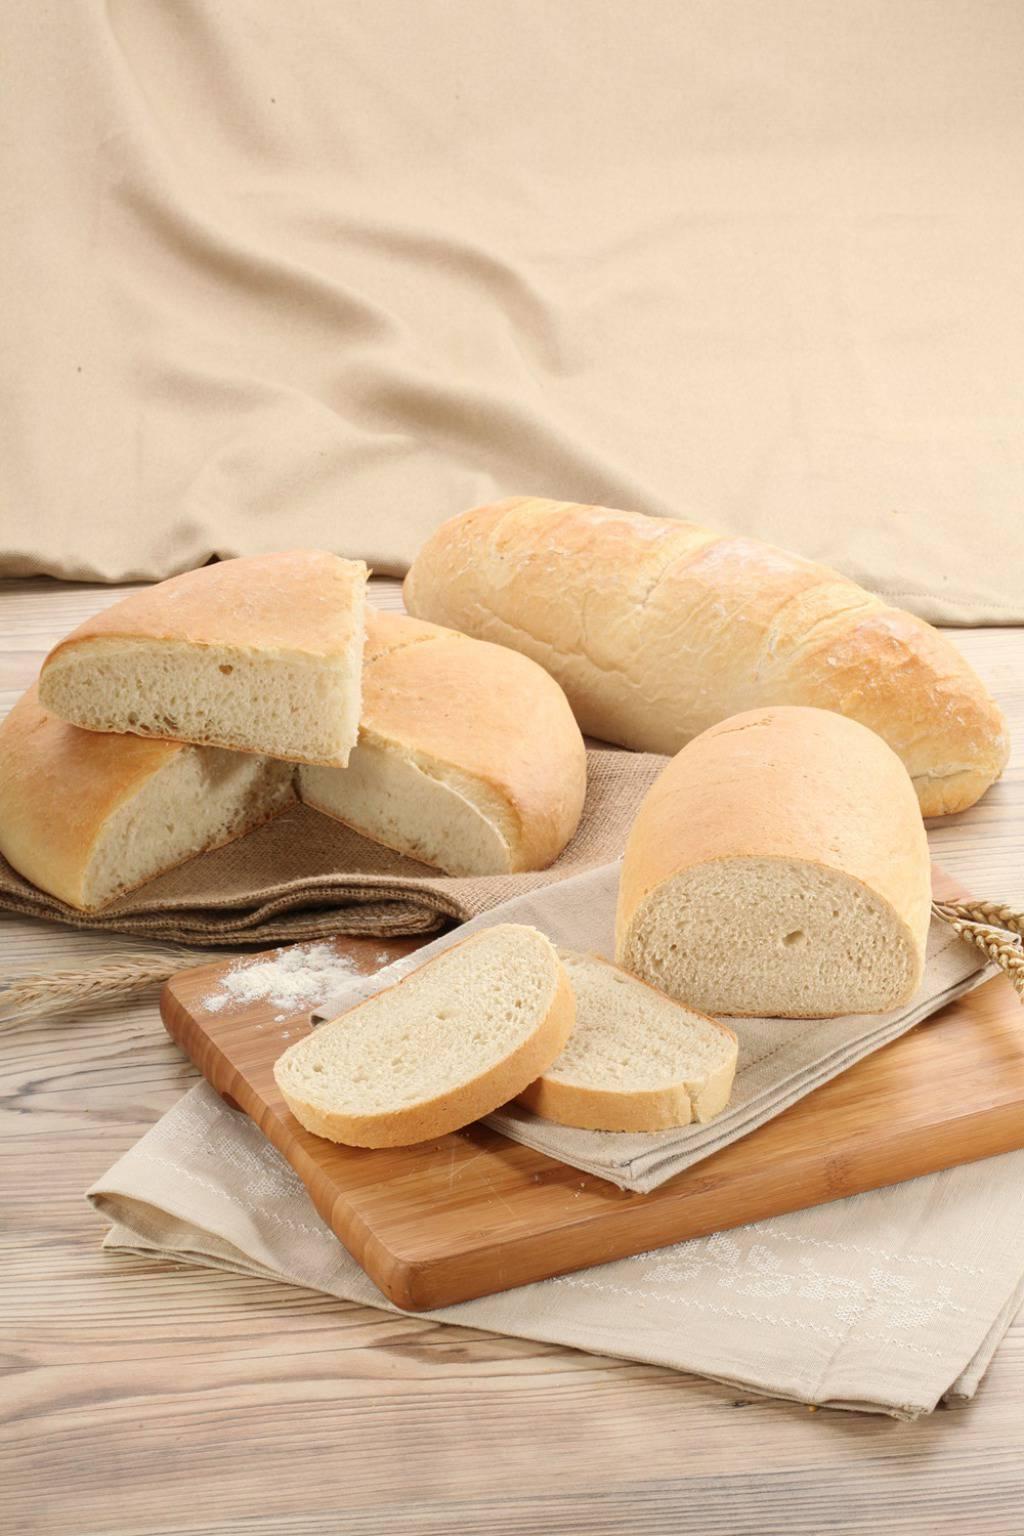 Zbog ovih će 8 razloga mnogi izbaciti bijeli kruh iz prehrane